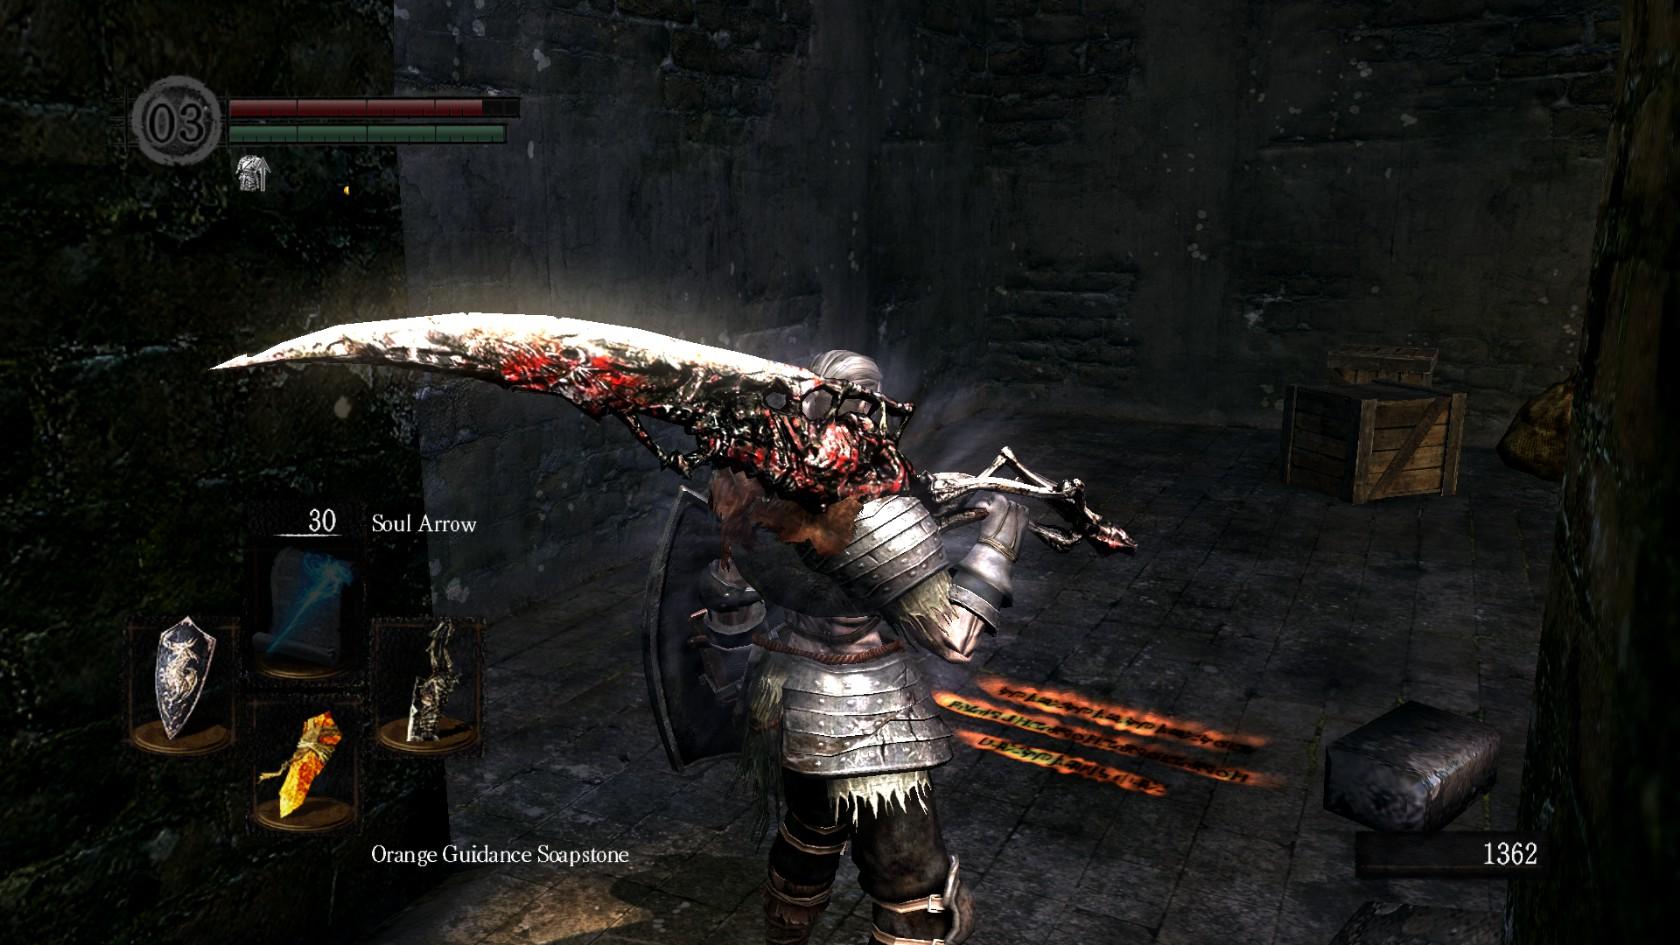 картинки меч нито способна заряжаться любых